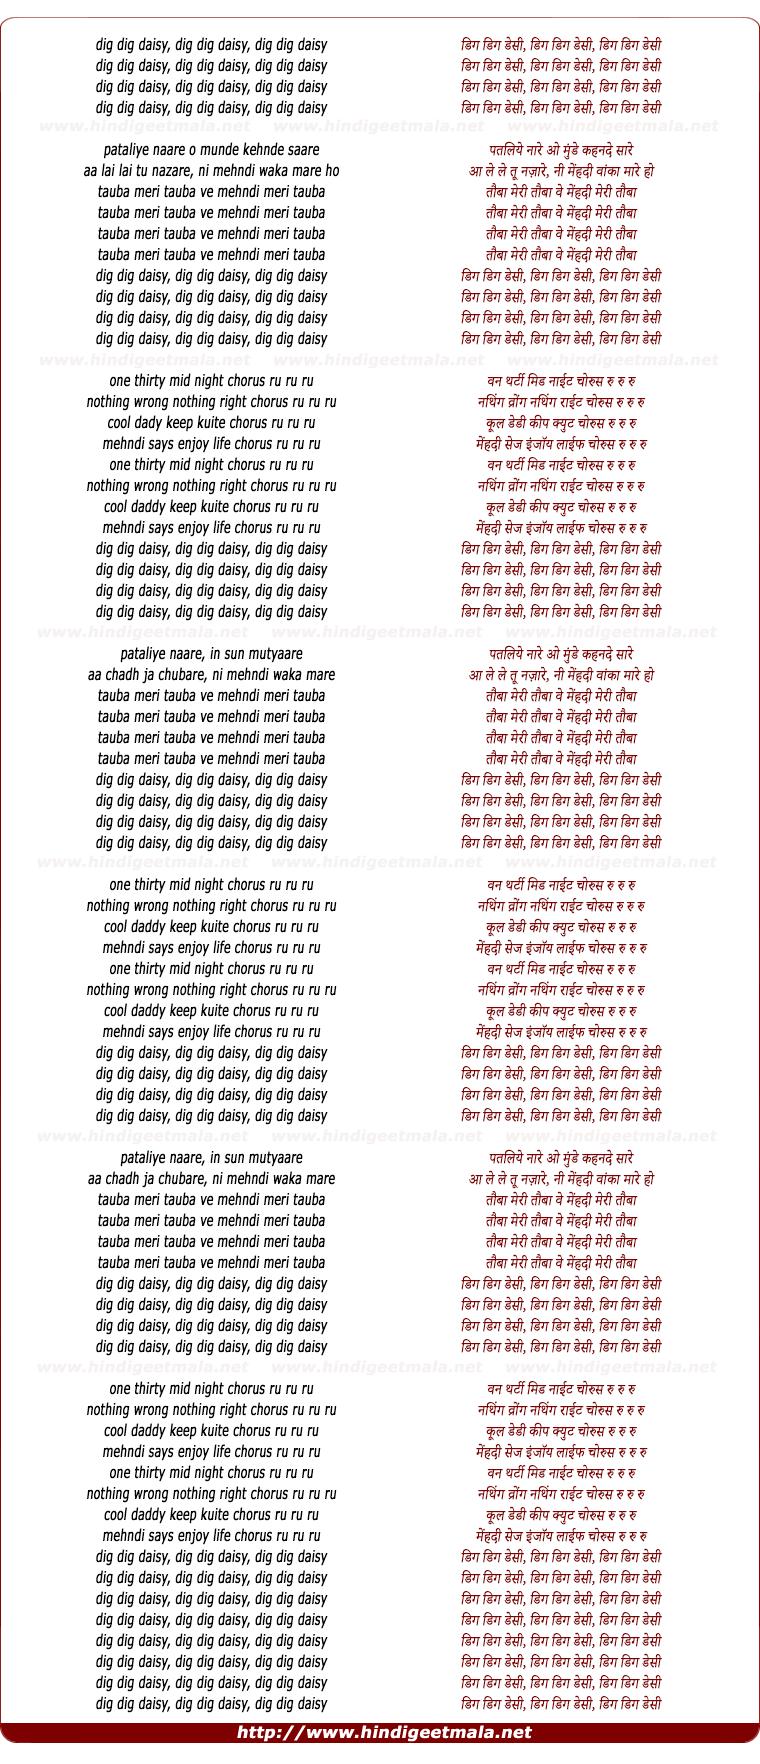 lyrics of song Dig Dig Daisy